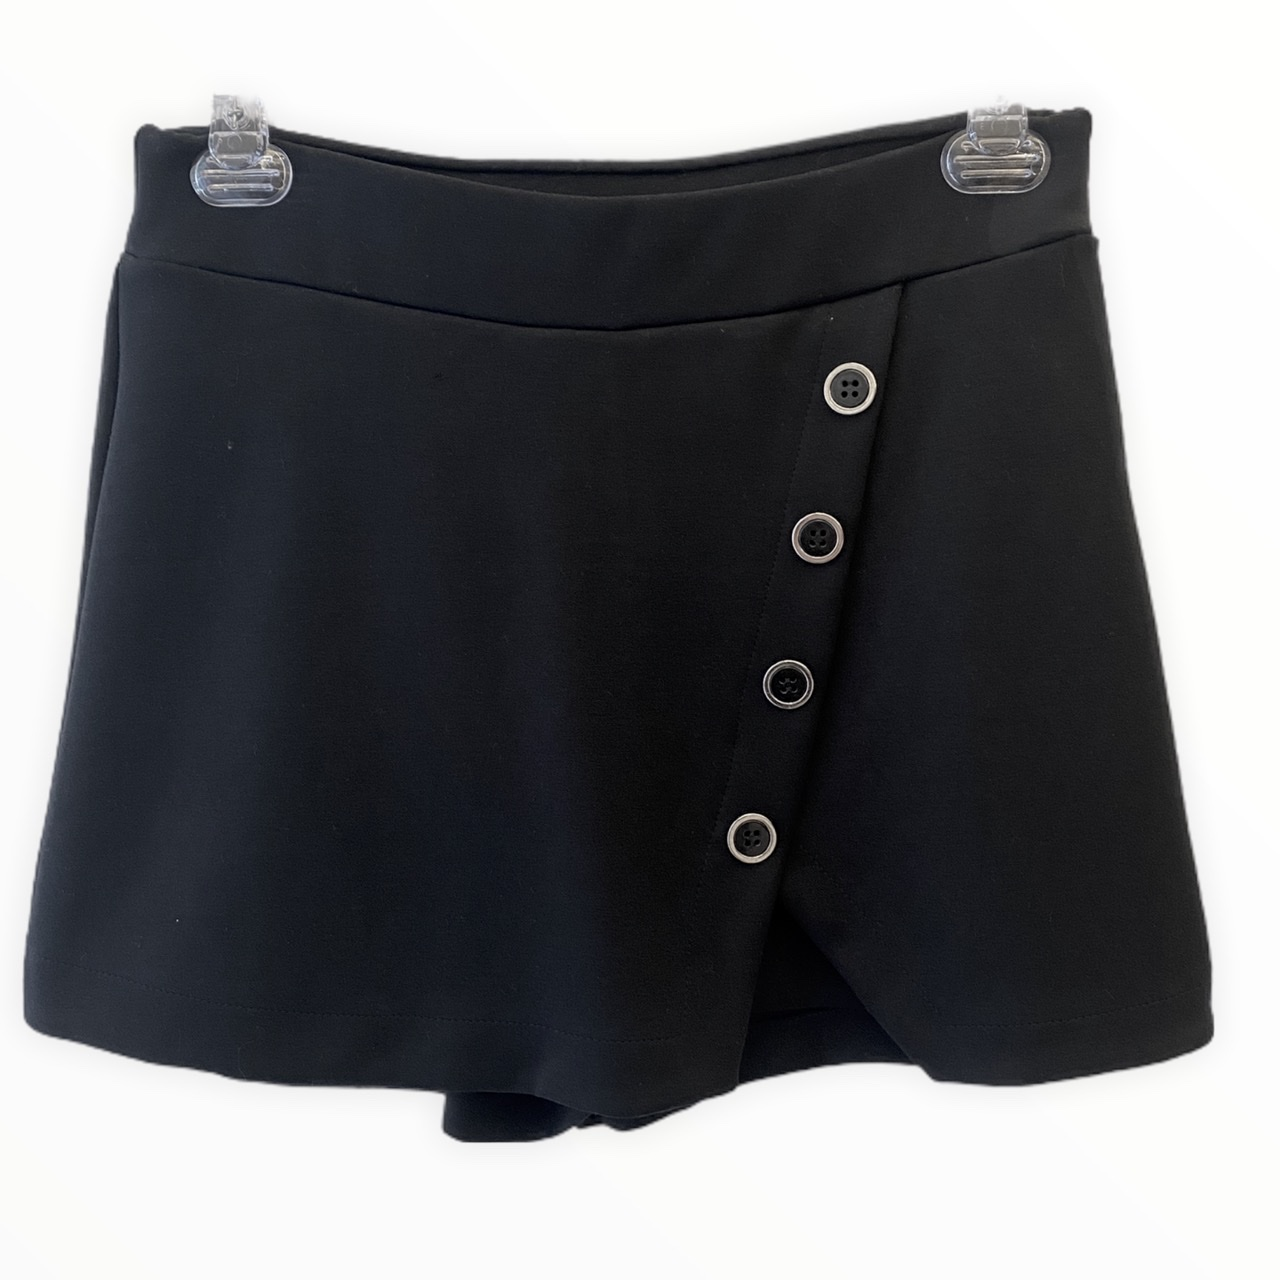 Saia-shorts em neoprene preto